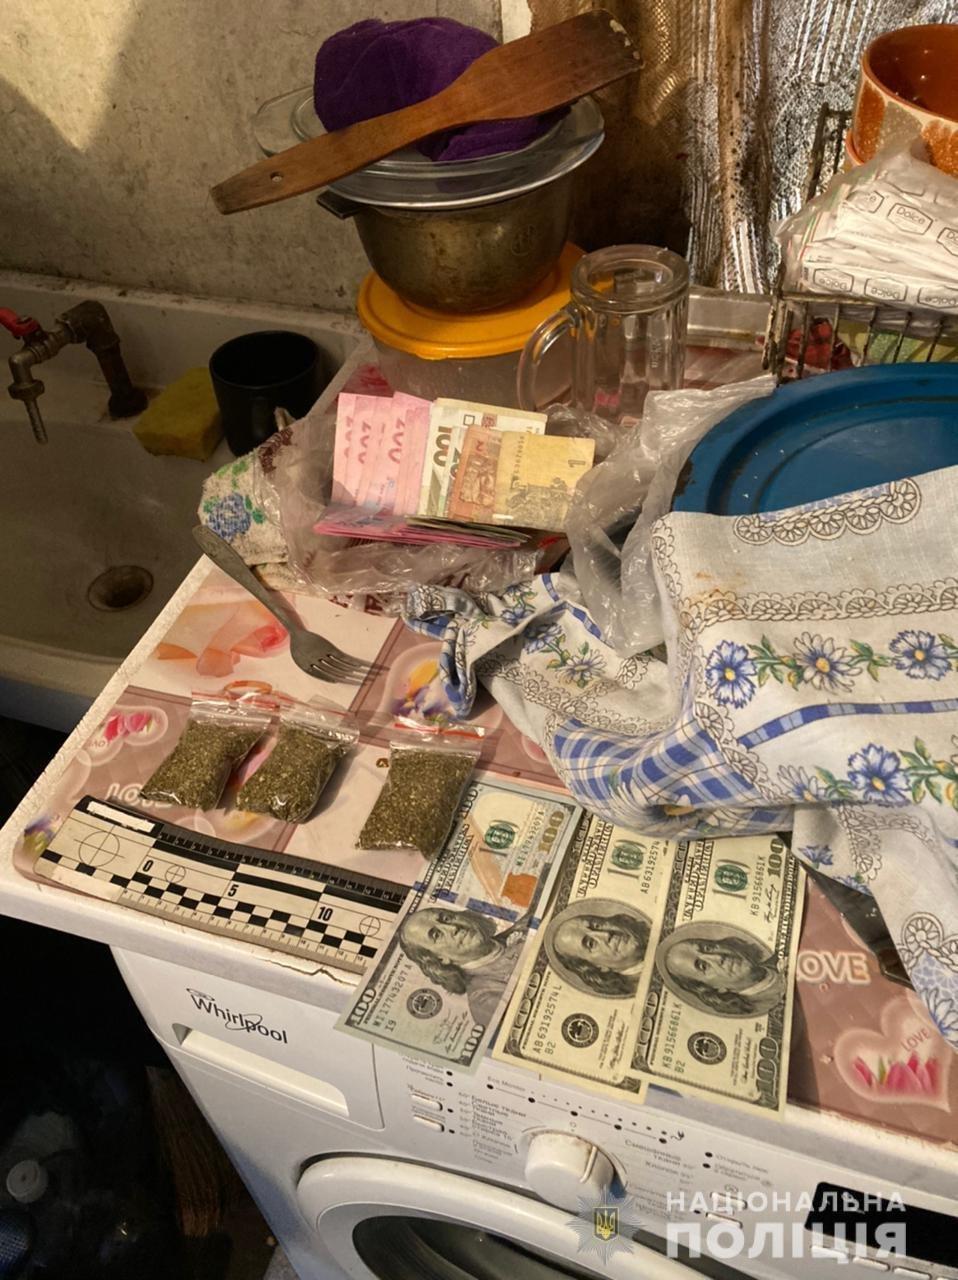 Группа лиц сбывала наркотические средства на территории Одесской области (видео), фото-1